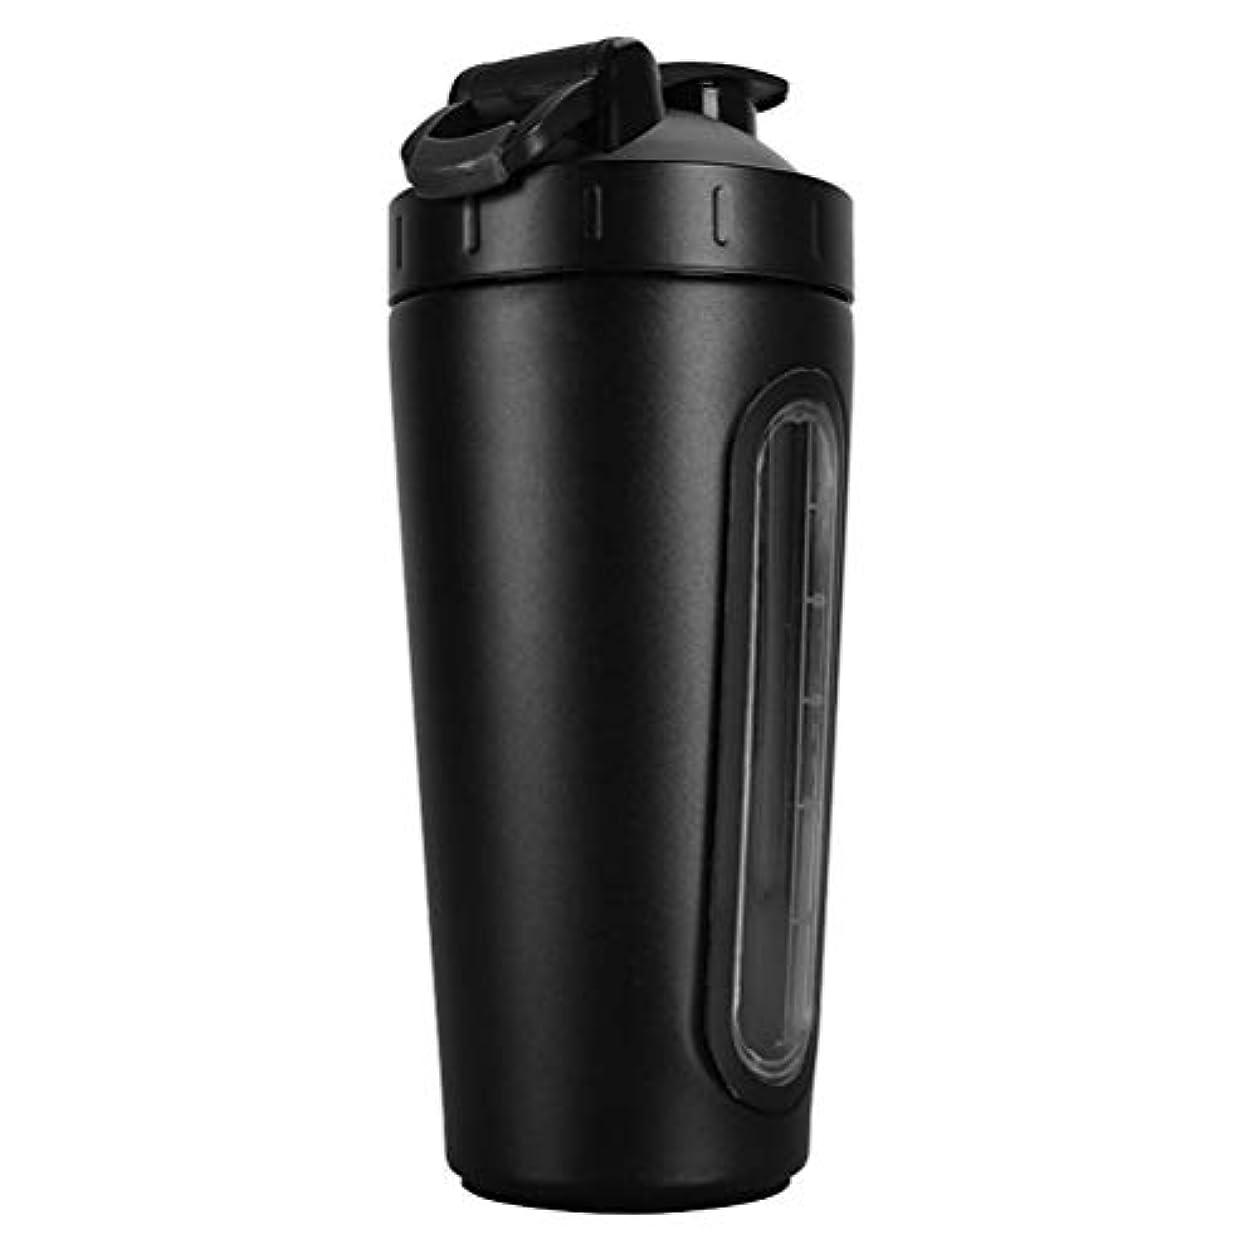 達成評決ウサギErose-BD 2019新型 304ステンレスプロテインシェイカーボトル プロテインシェイカー シェイカー ボトル 水筒 ウォーターボトル (800ml) 1個 黒